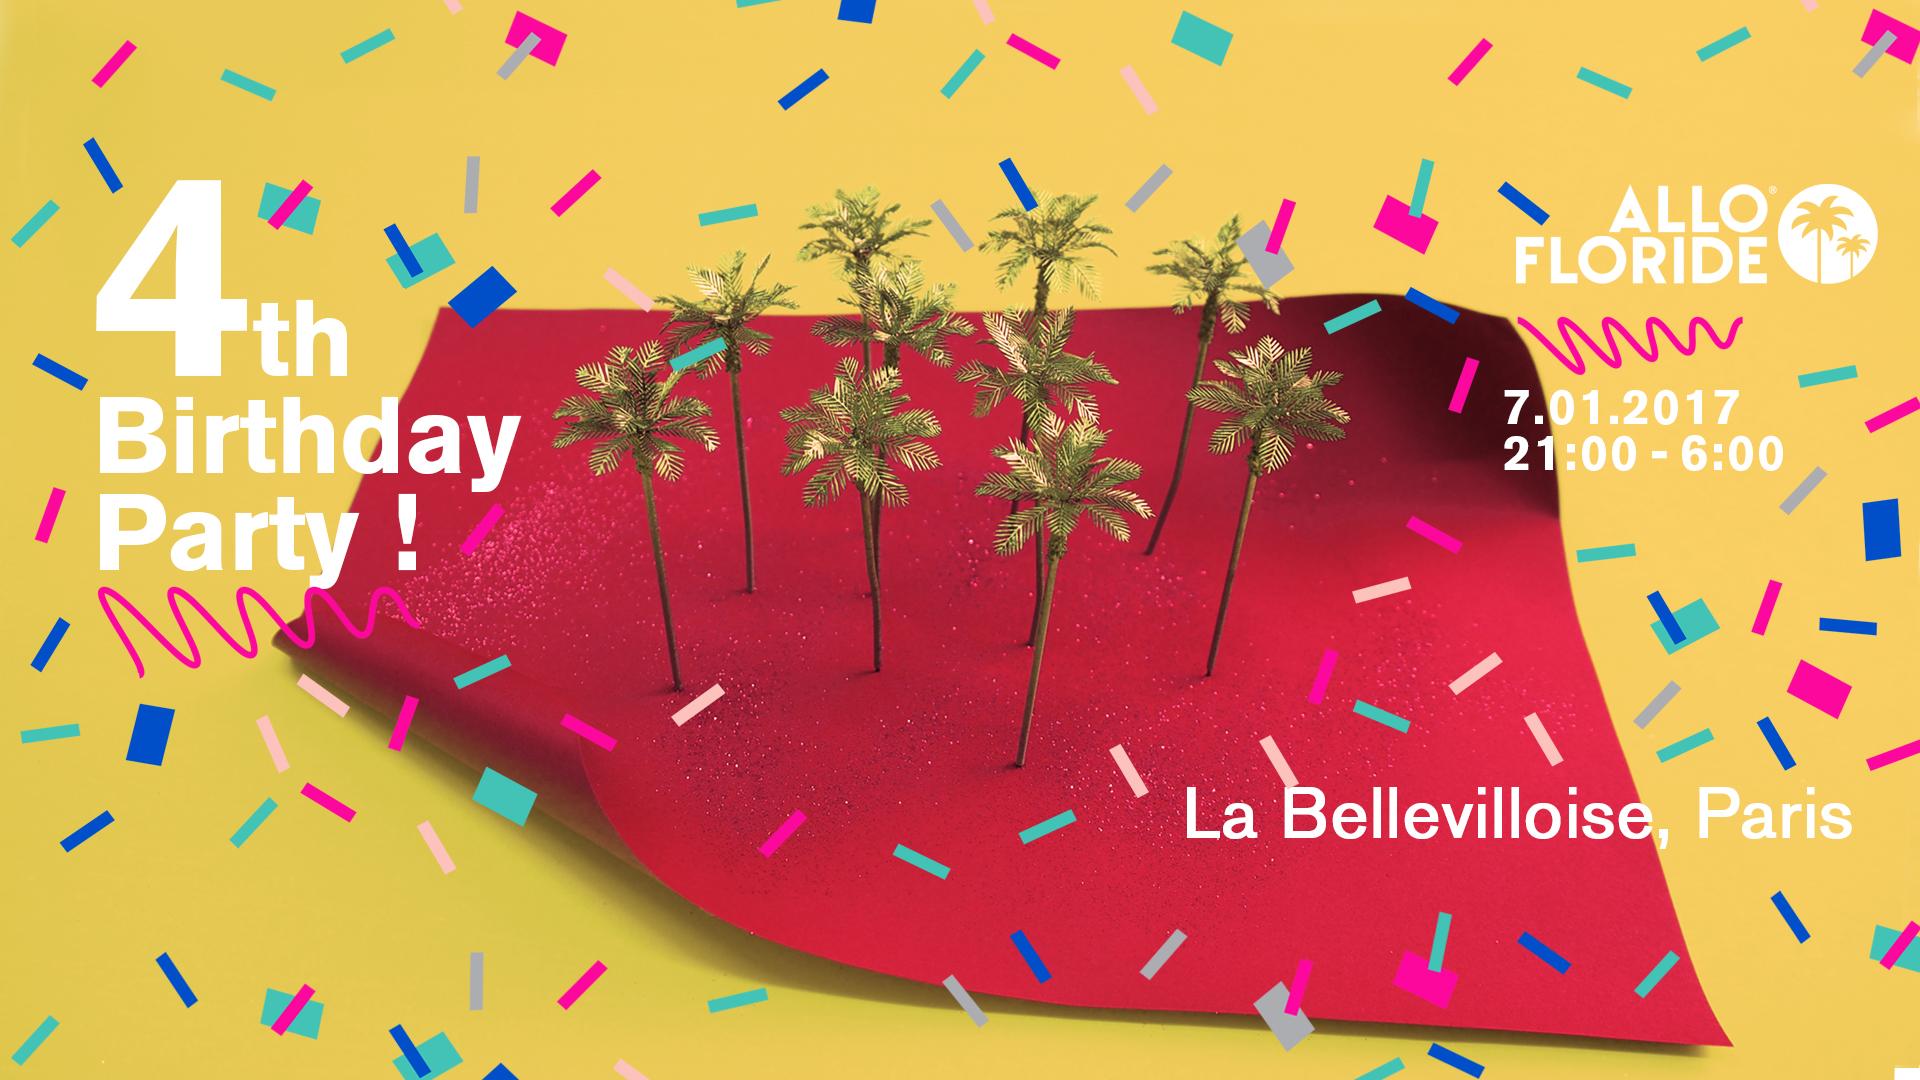 Allo Floride fête son 4 ème anniversaire le 7 janvier à la Bellevilloise !